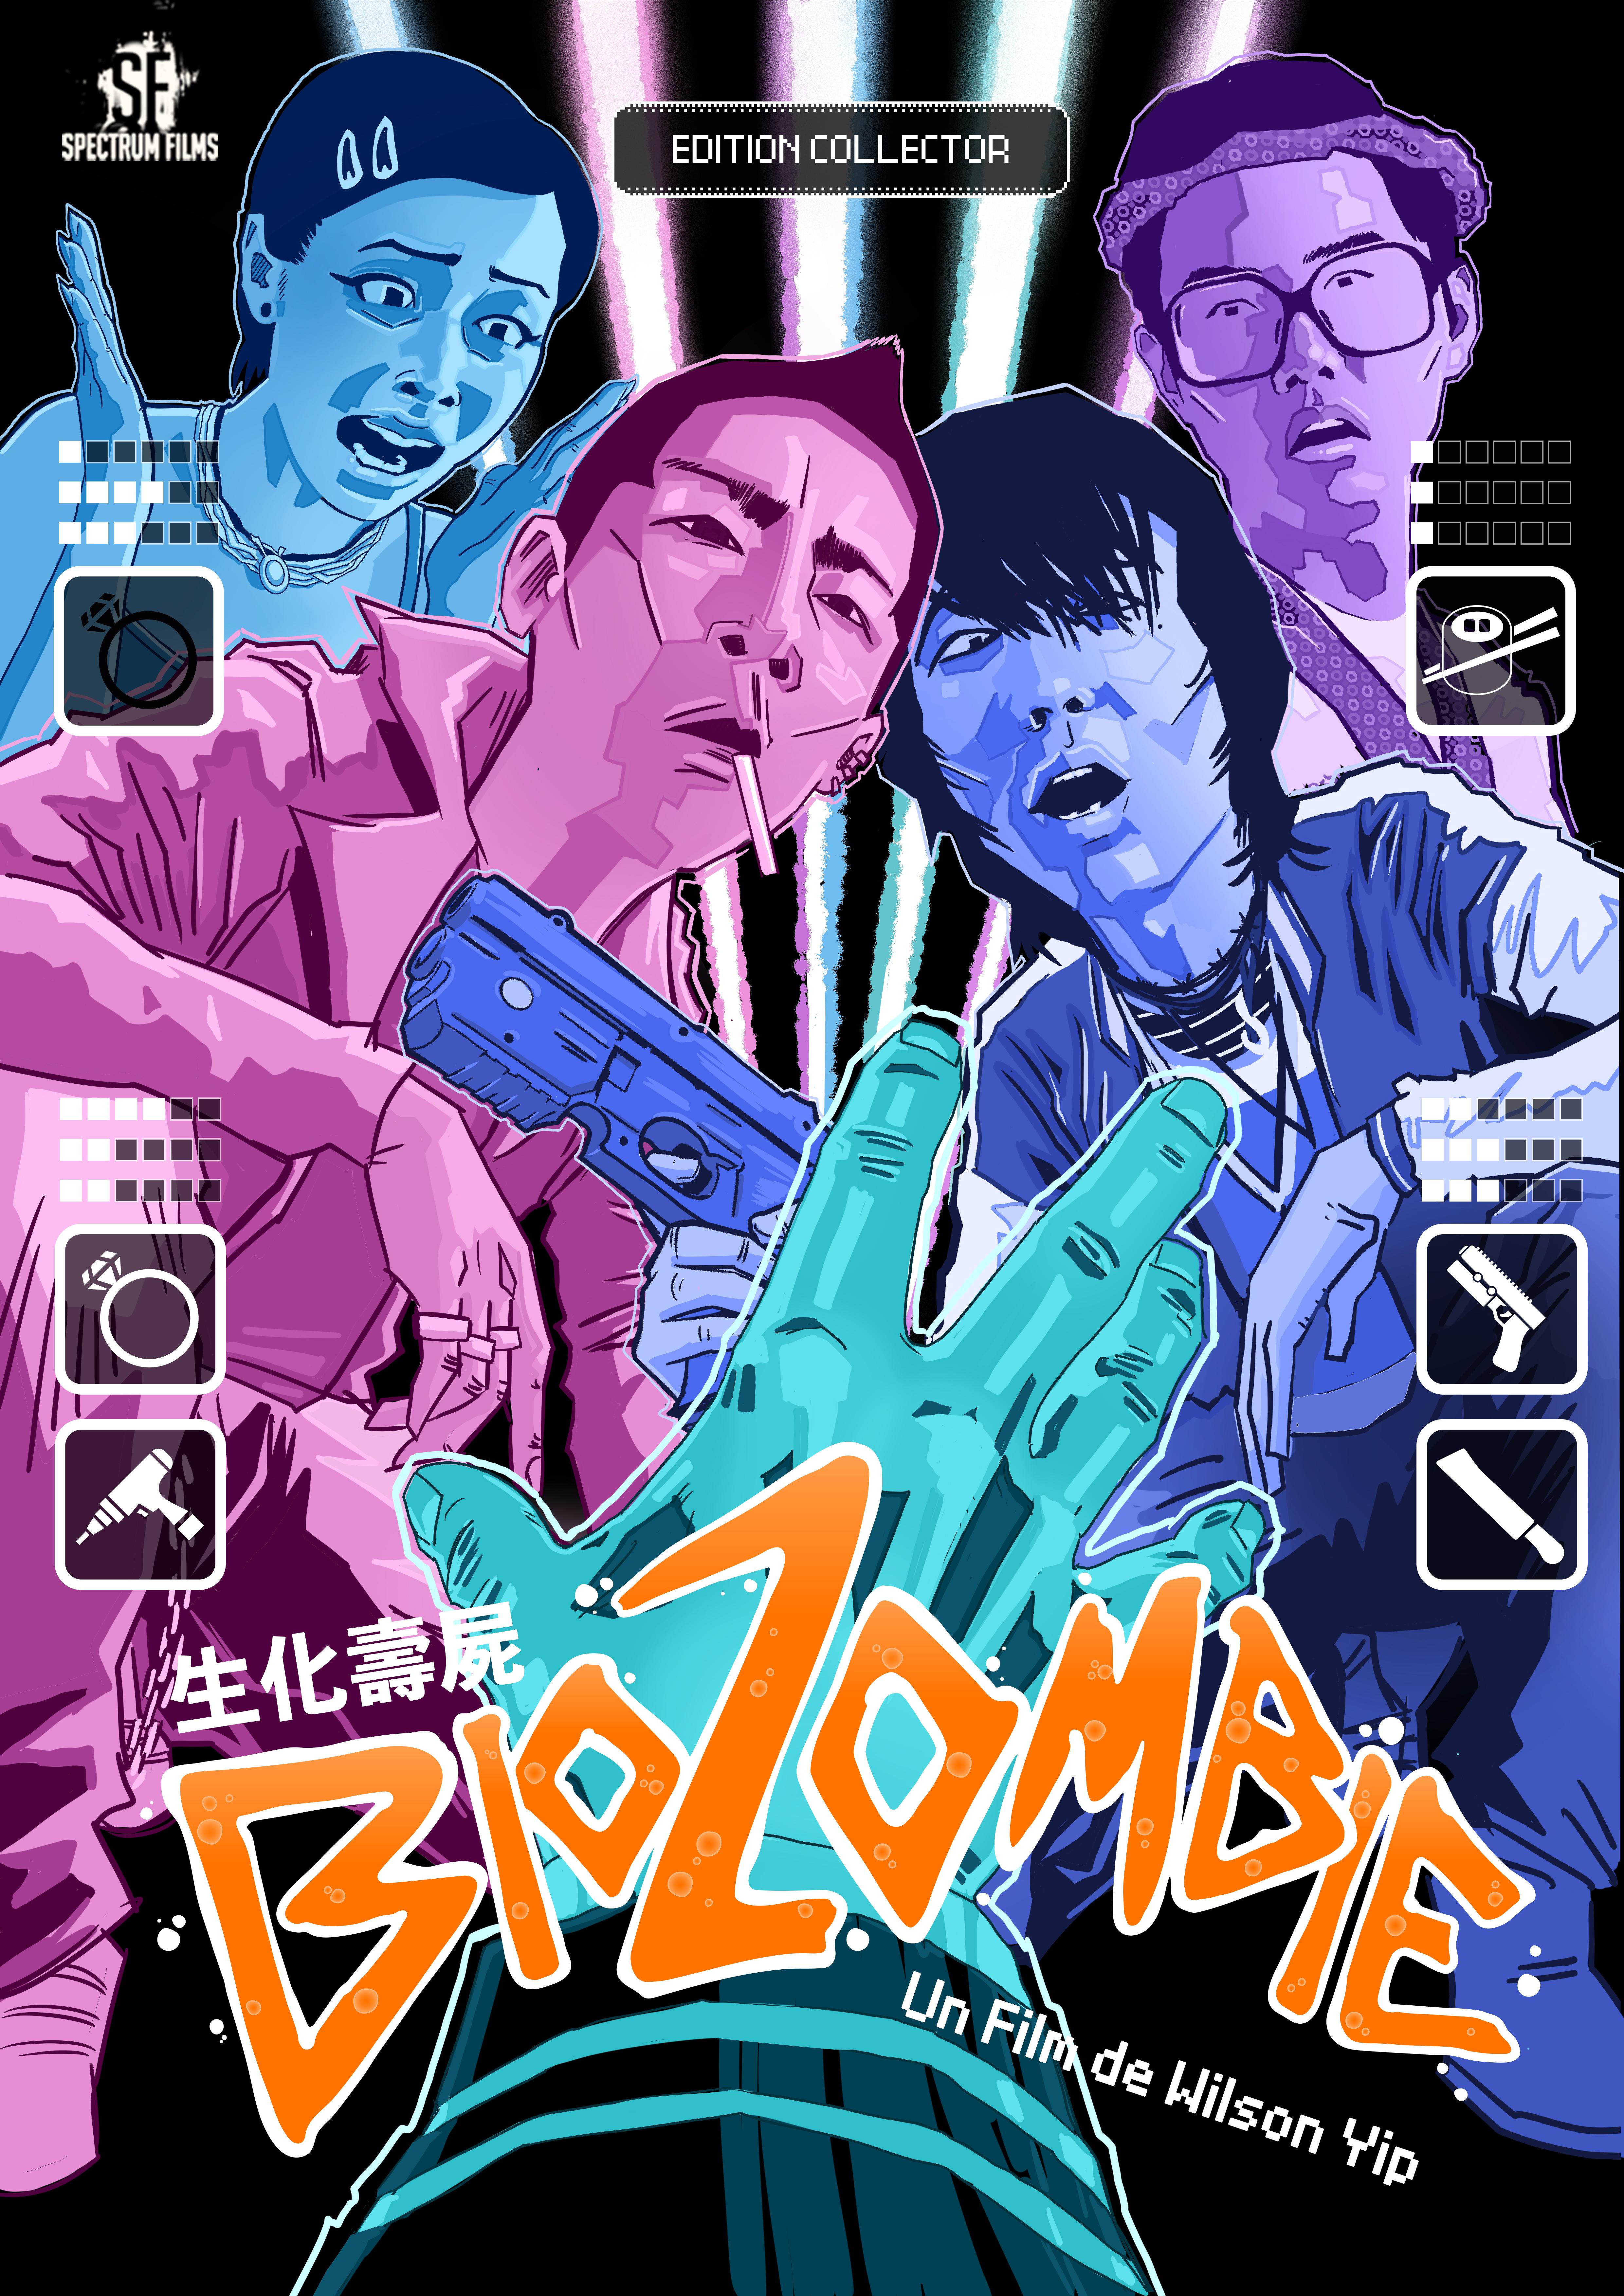 biozombie poster